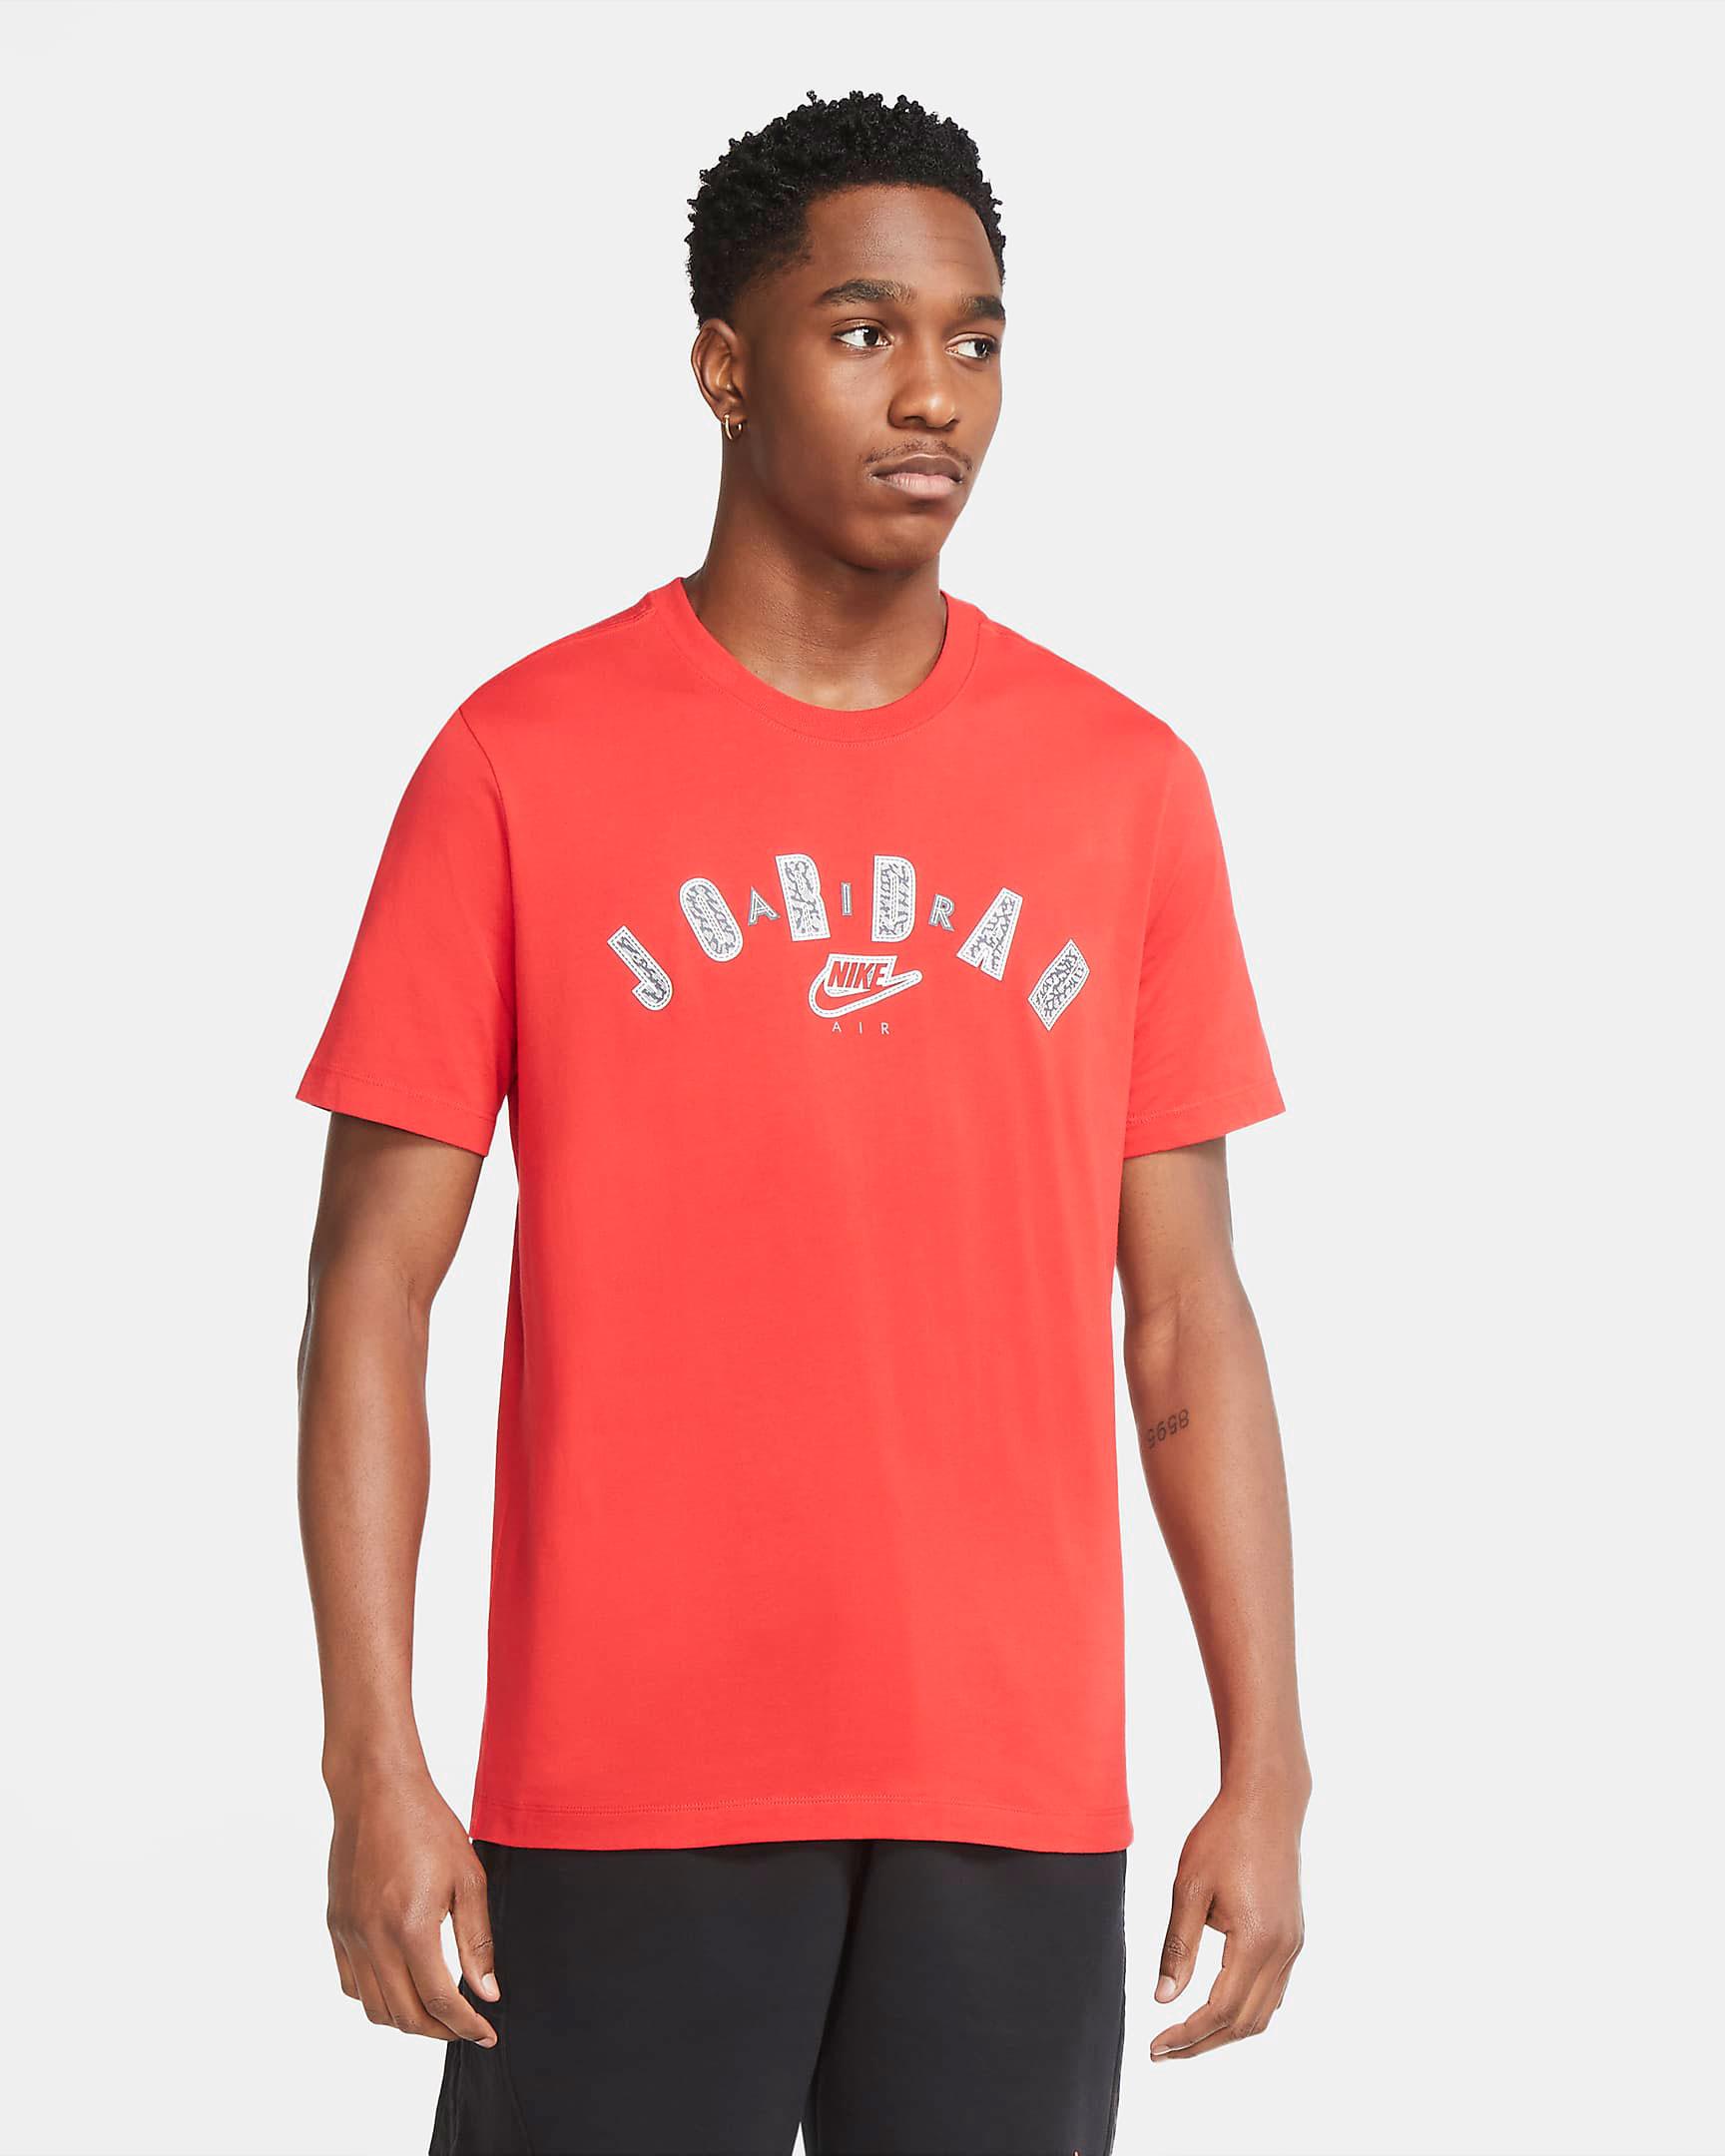 air-jordan-3-denim-fire-red-shirt-1